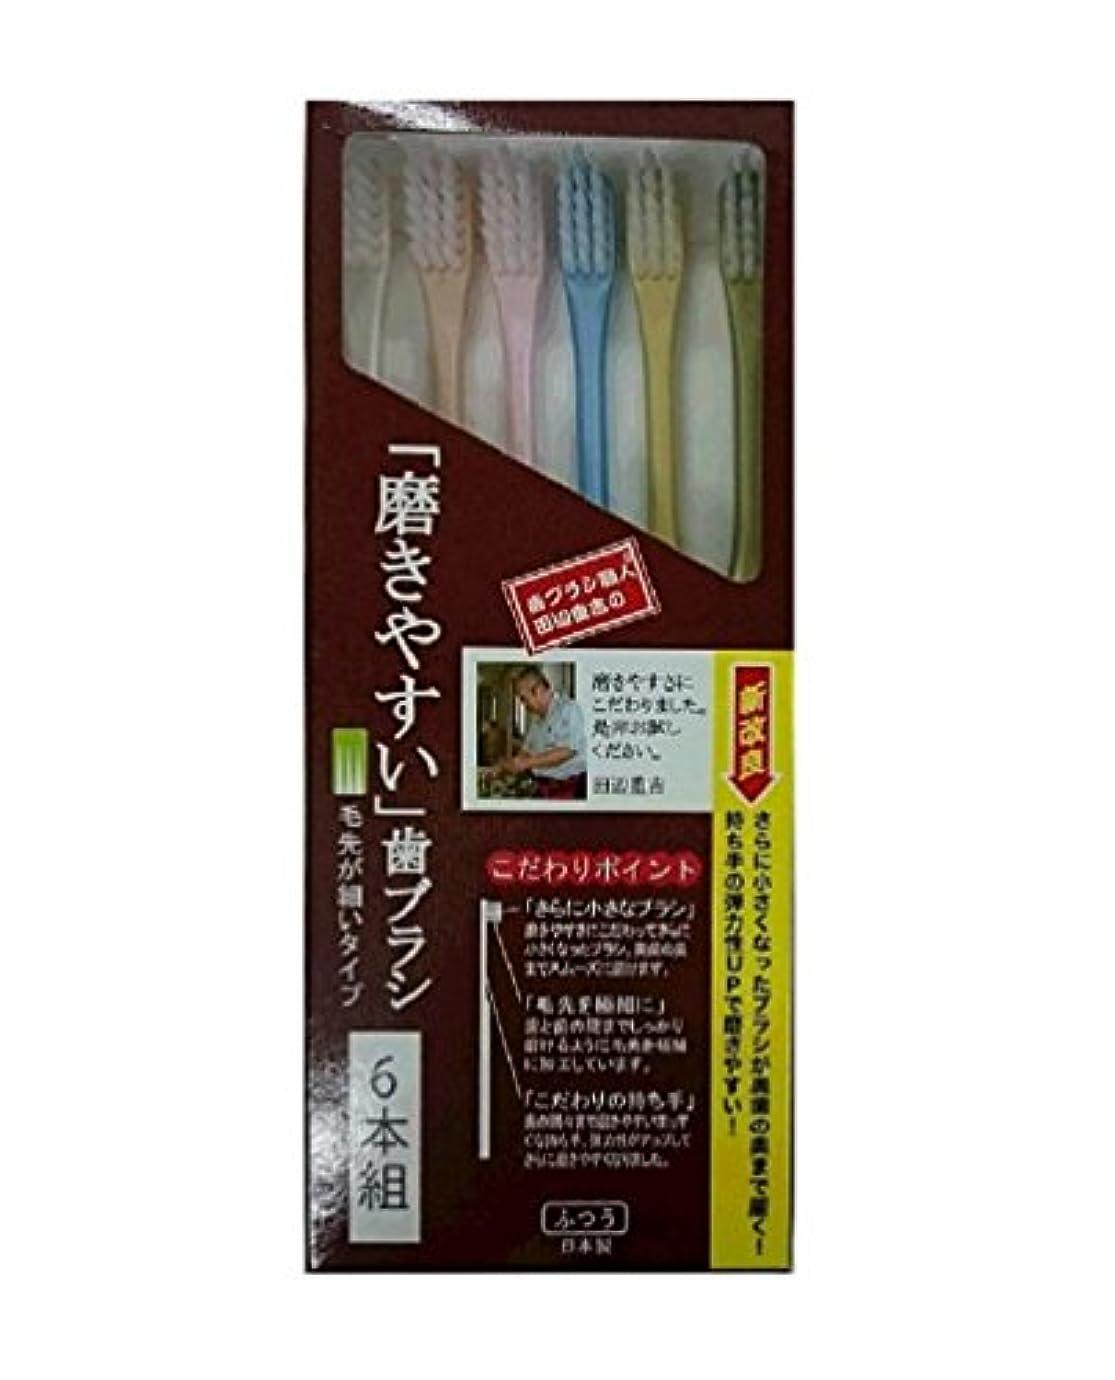 眠いです赤面クラッシュ歯ブラシ職人 田辺重吉考案 磨きやすい歯ブラシ 先細 6本組